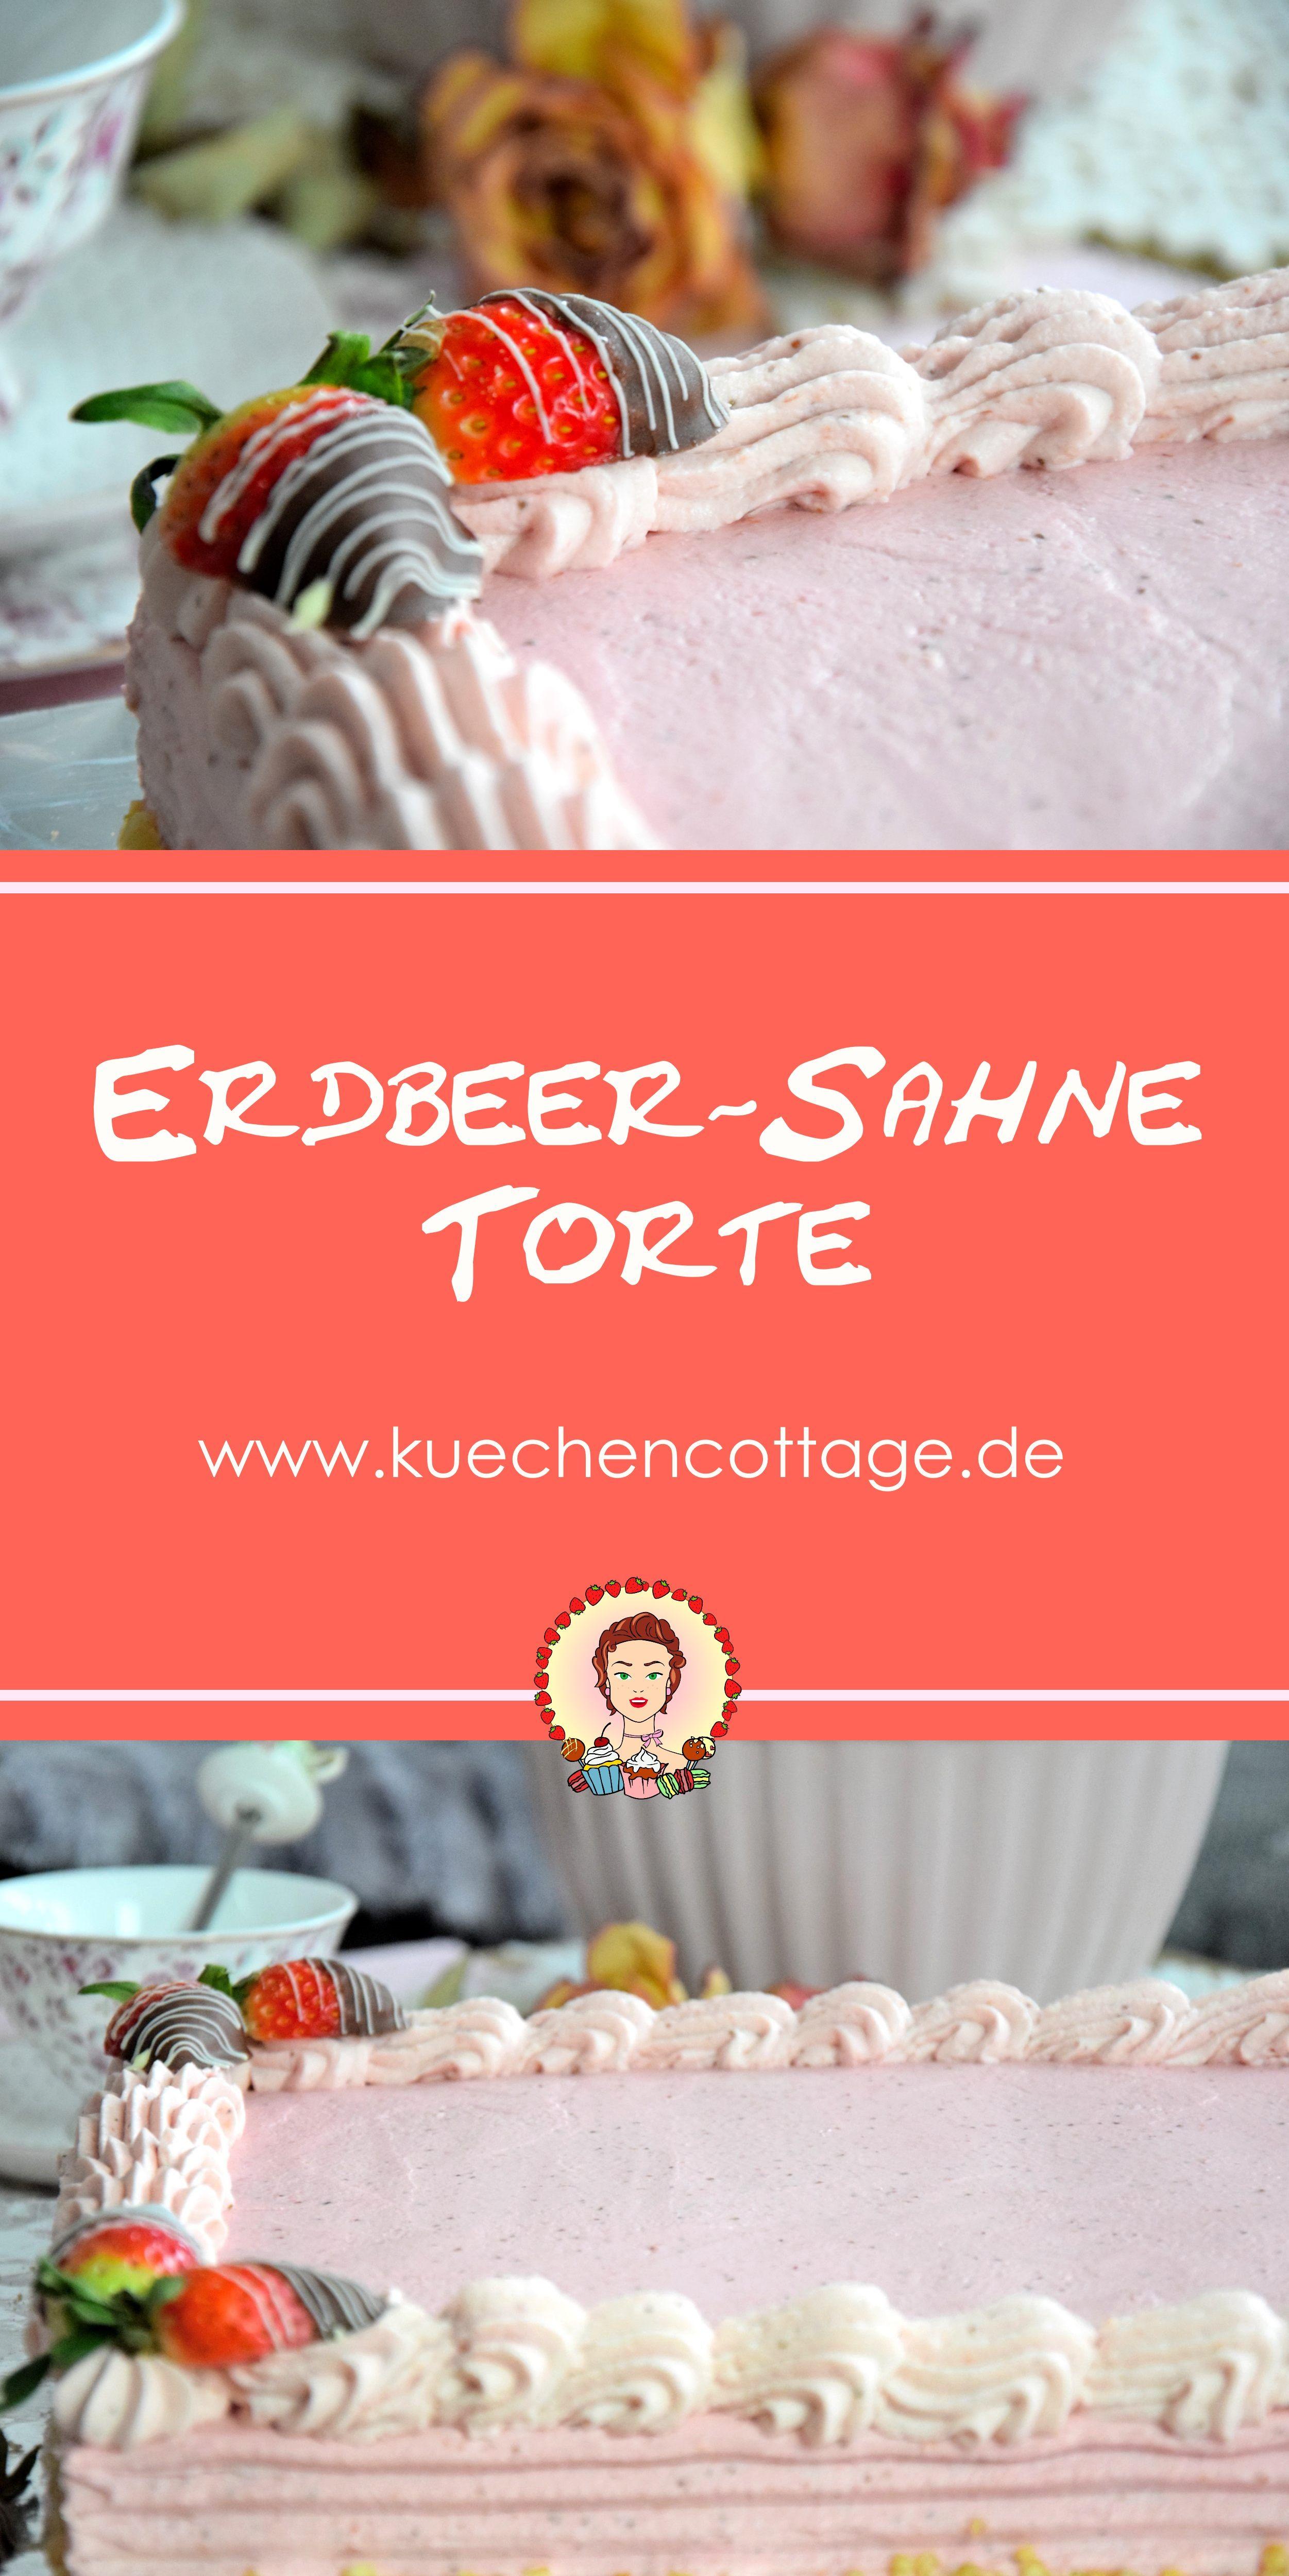 Erdbeer-Sahne-Torte | Pinterest | Erdbeer sahne torte, Erdbeertorte ...